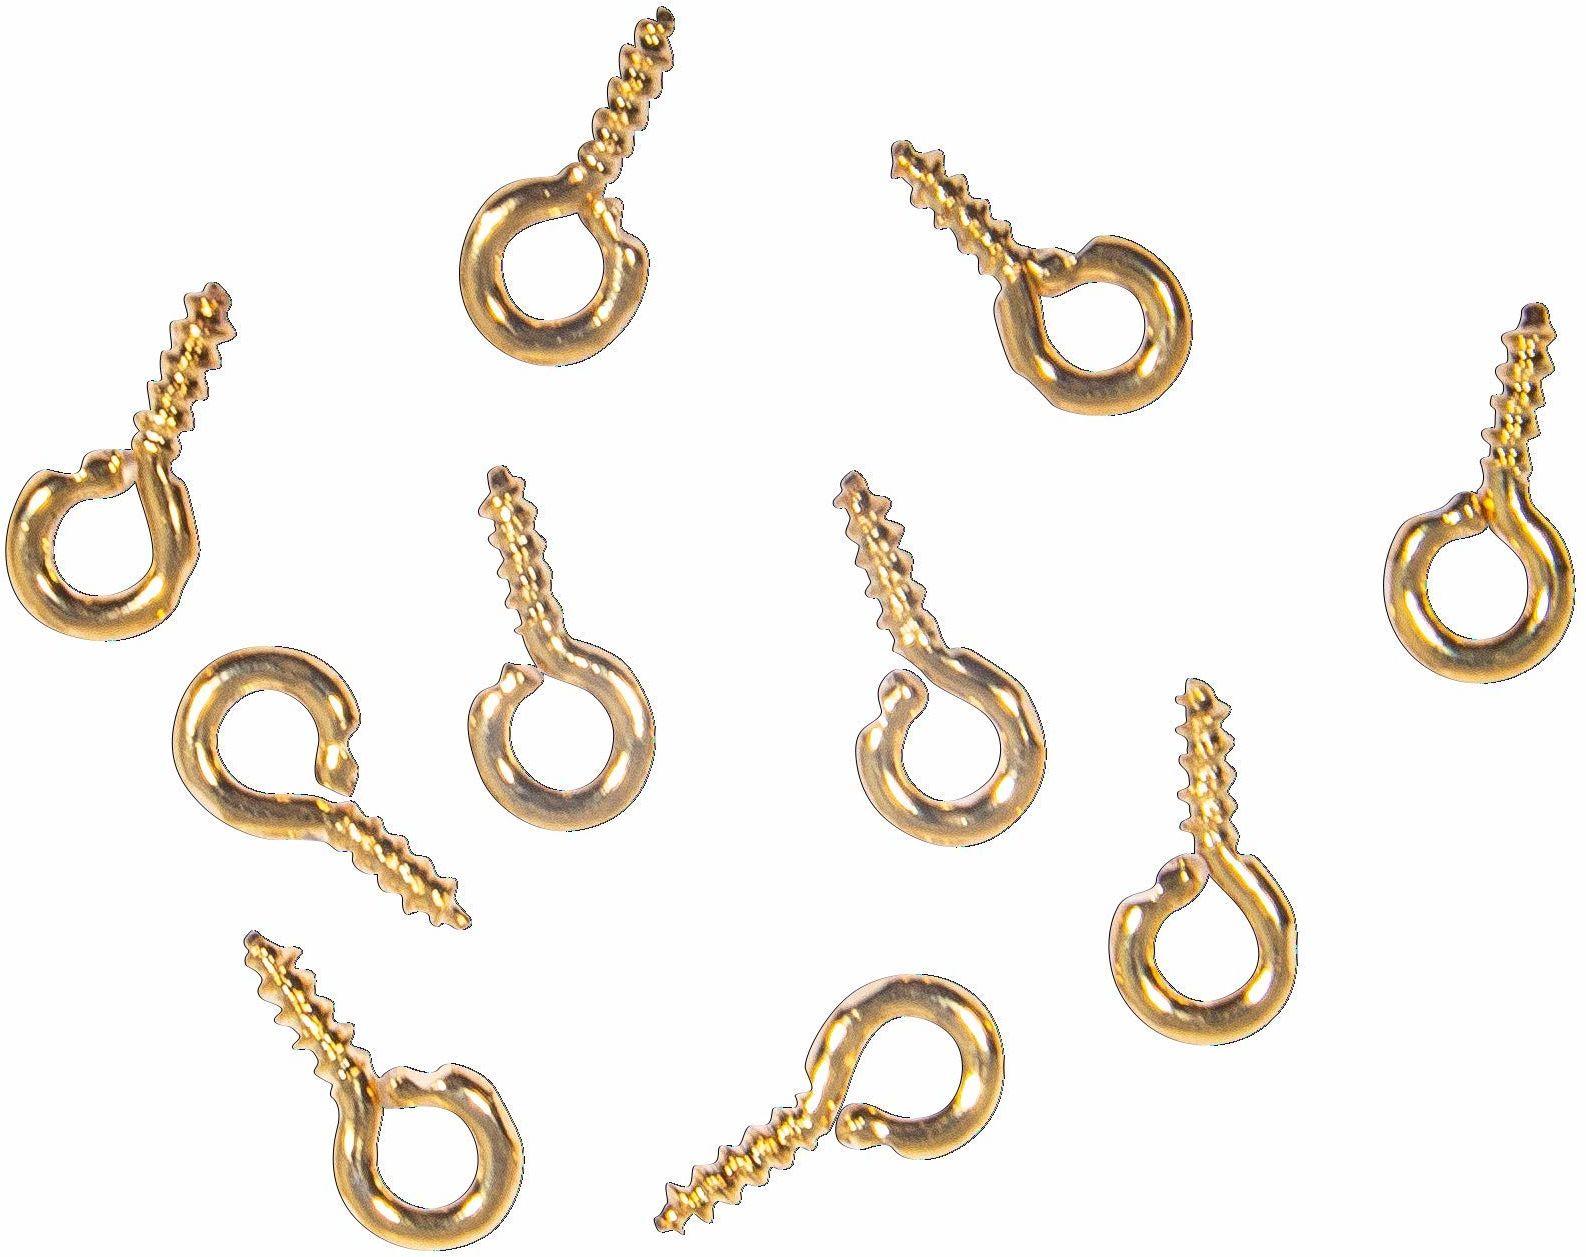 Rayher 22798616 śruba oczkowa, 2 mm, złoto, 8 x 1 mm, SB-Btl 10 sztuk, normalna